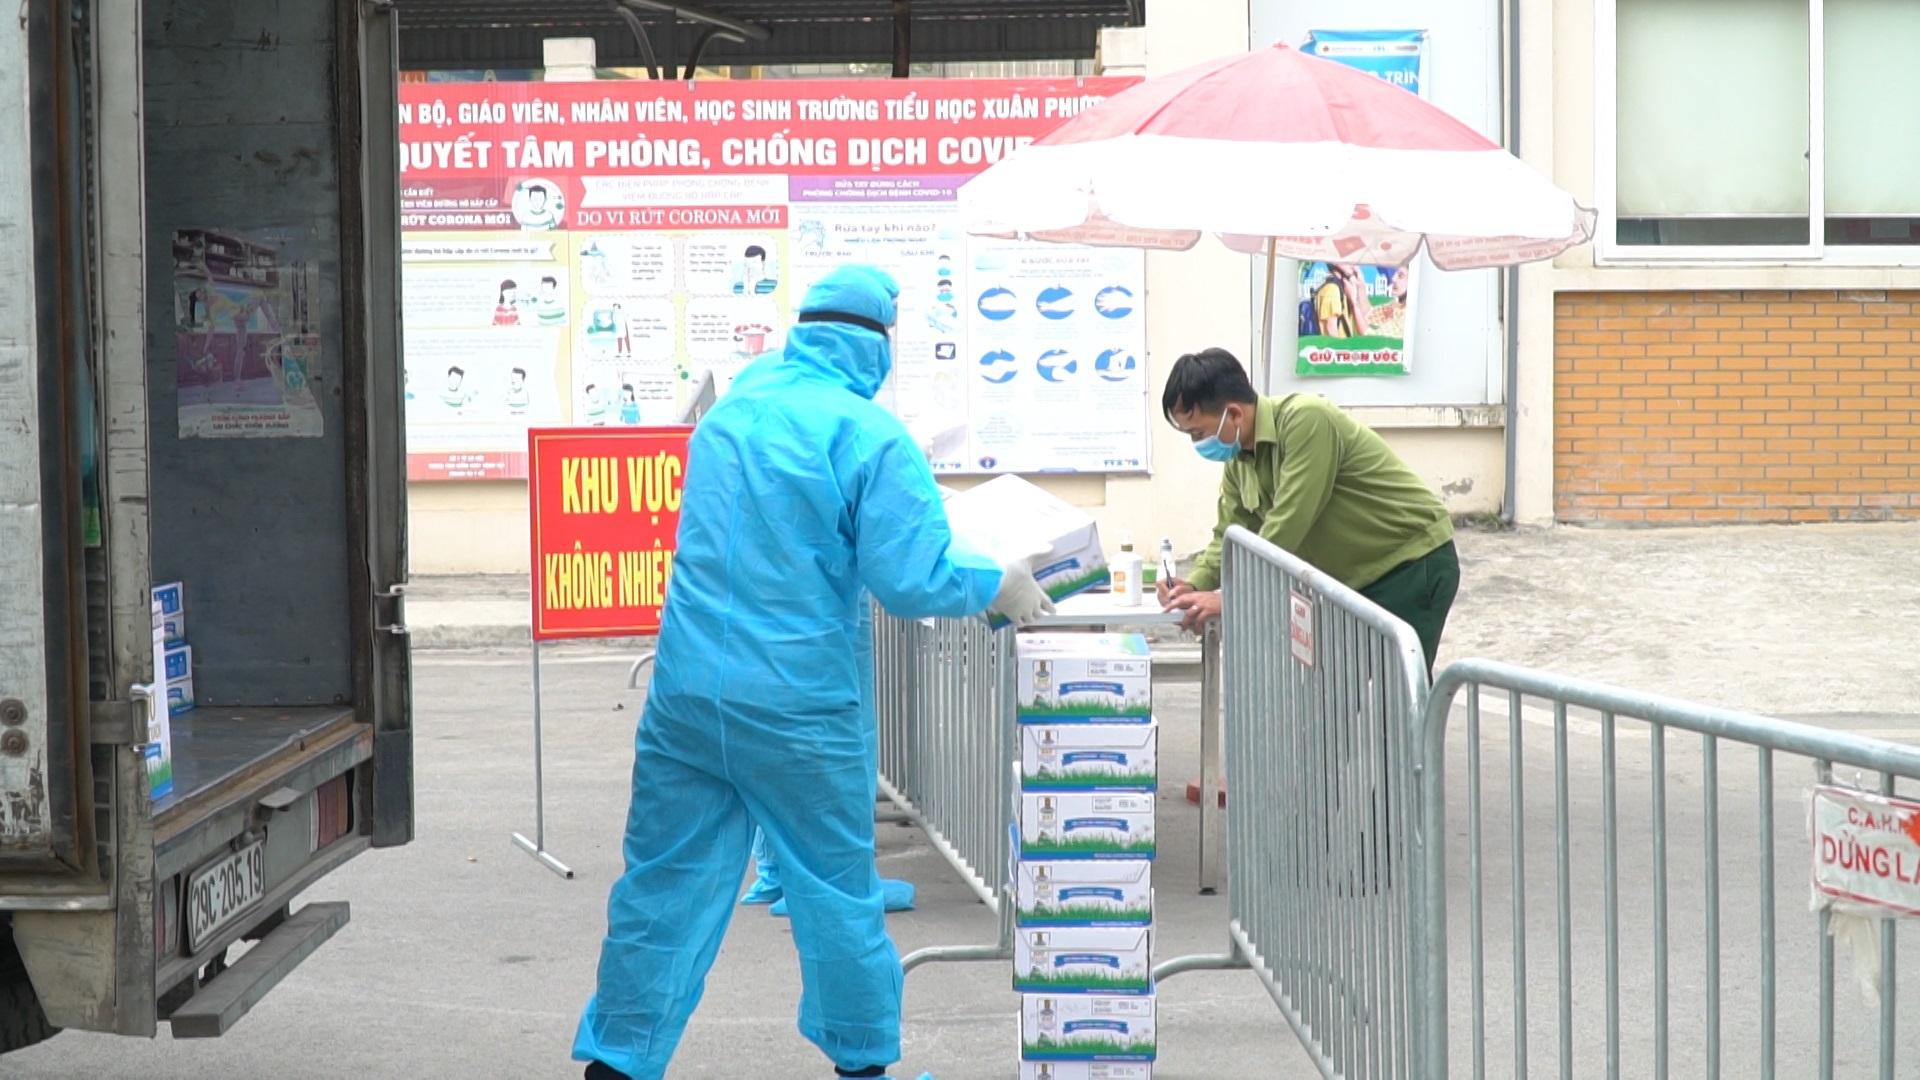 Vinamilk tặng 45.000 hộp sữa cho hơn 800 trẻ em đang cách ly tại Hà Nội, Hải Dương và Hải Phòng - Ảnh 1.